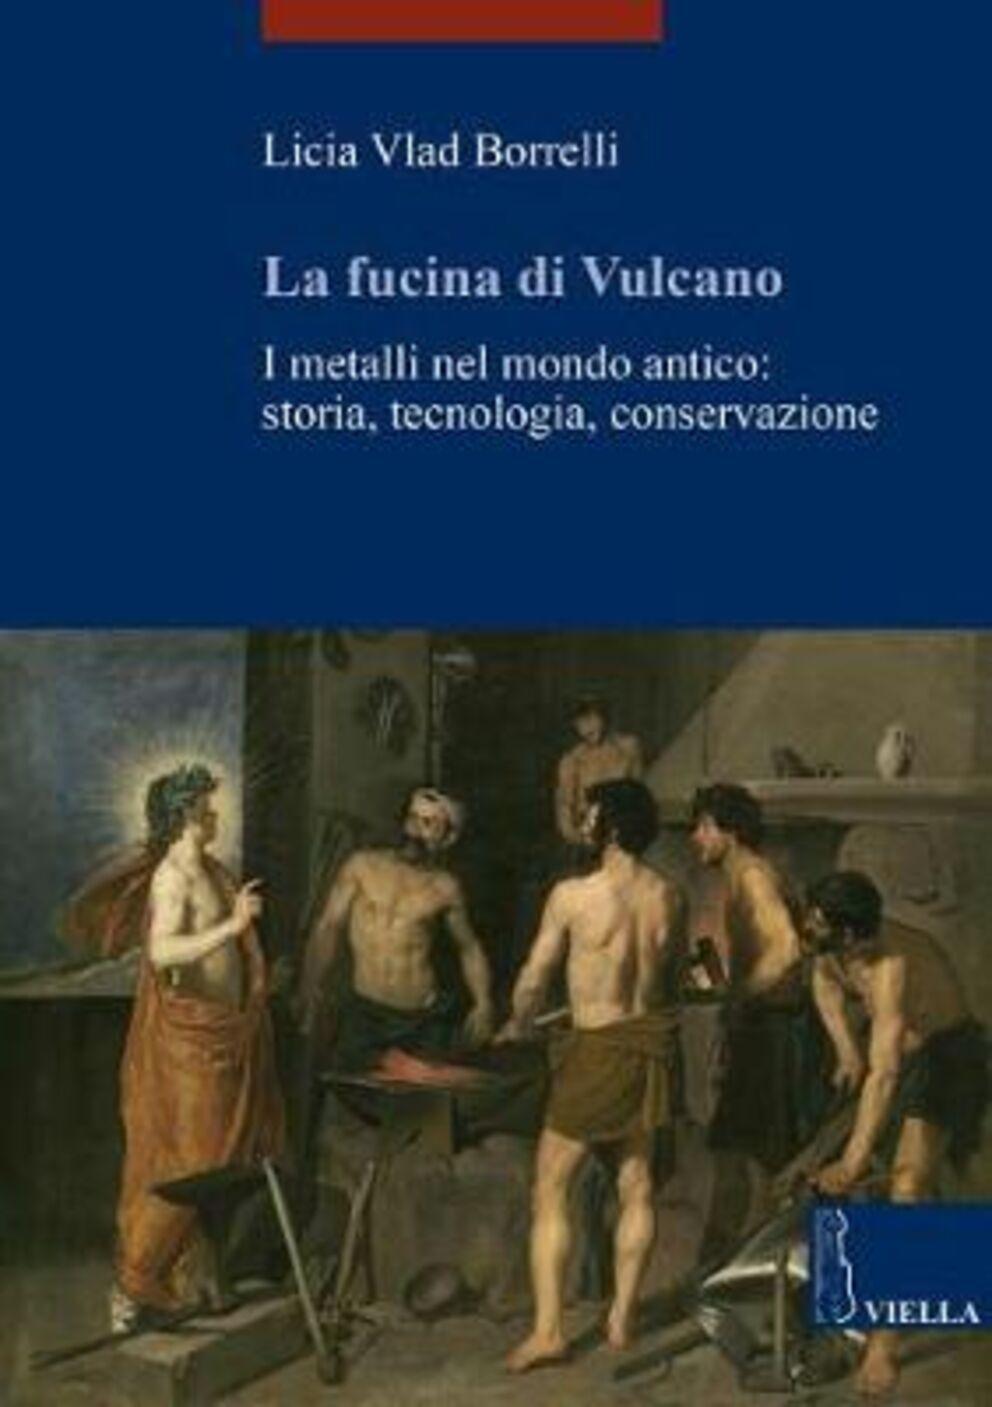 La fucina di Vulcano. I metalli nel mondo antico: storia, tecnologia, conservazione